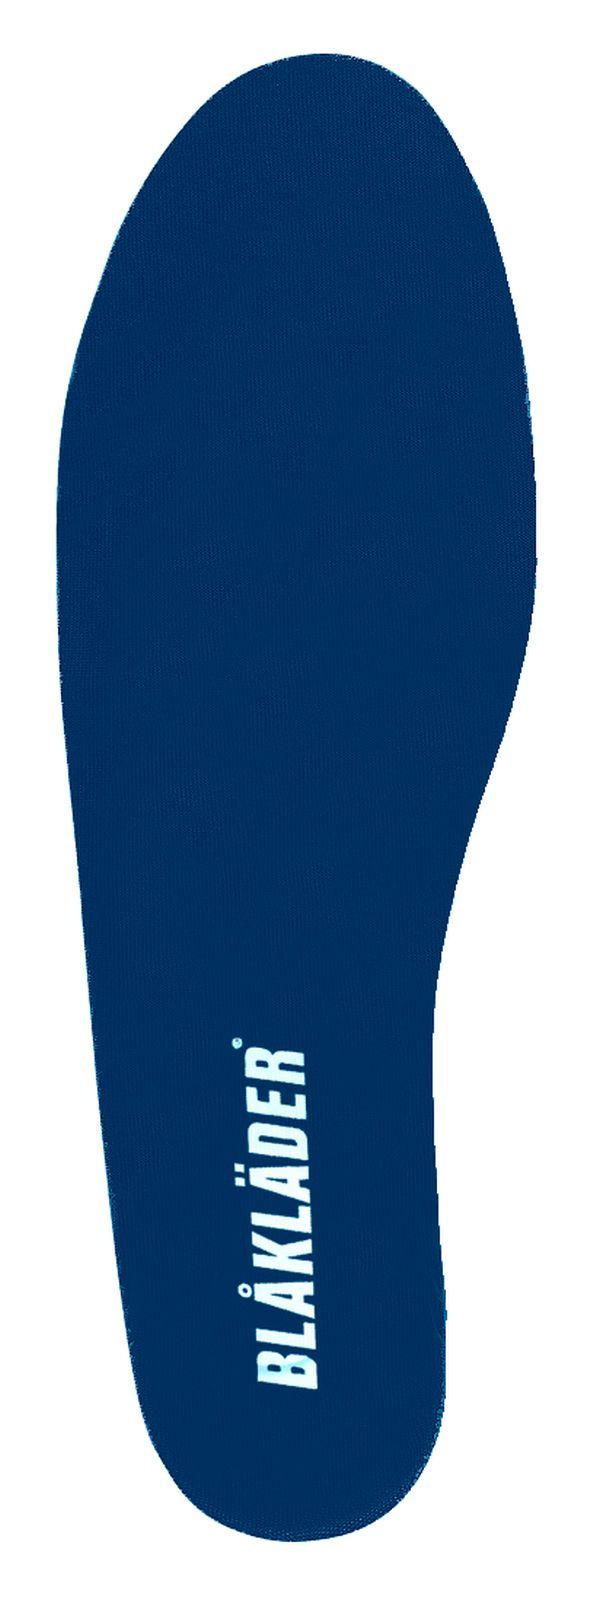 Blaklader Inlegzolen 24631091 blauw(8200)